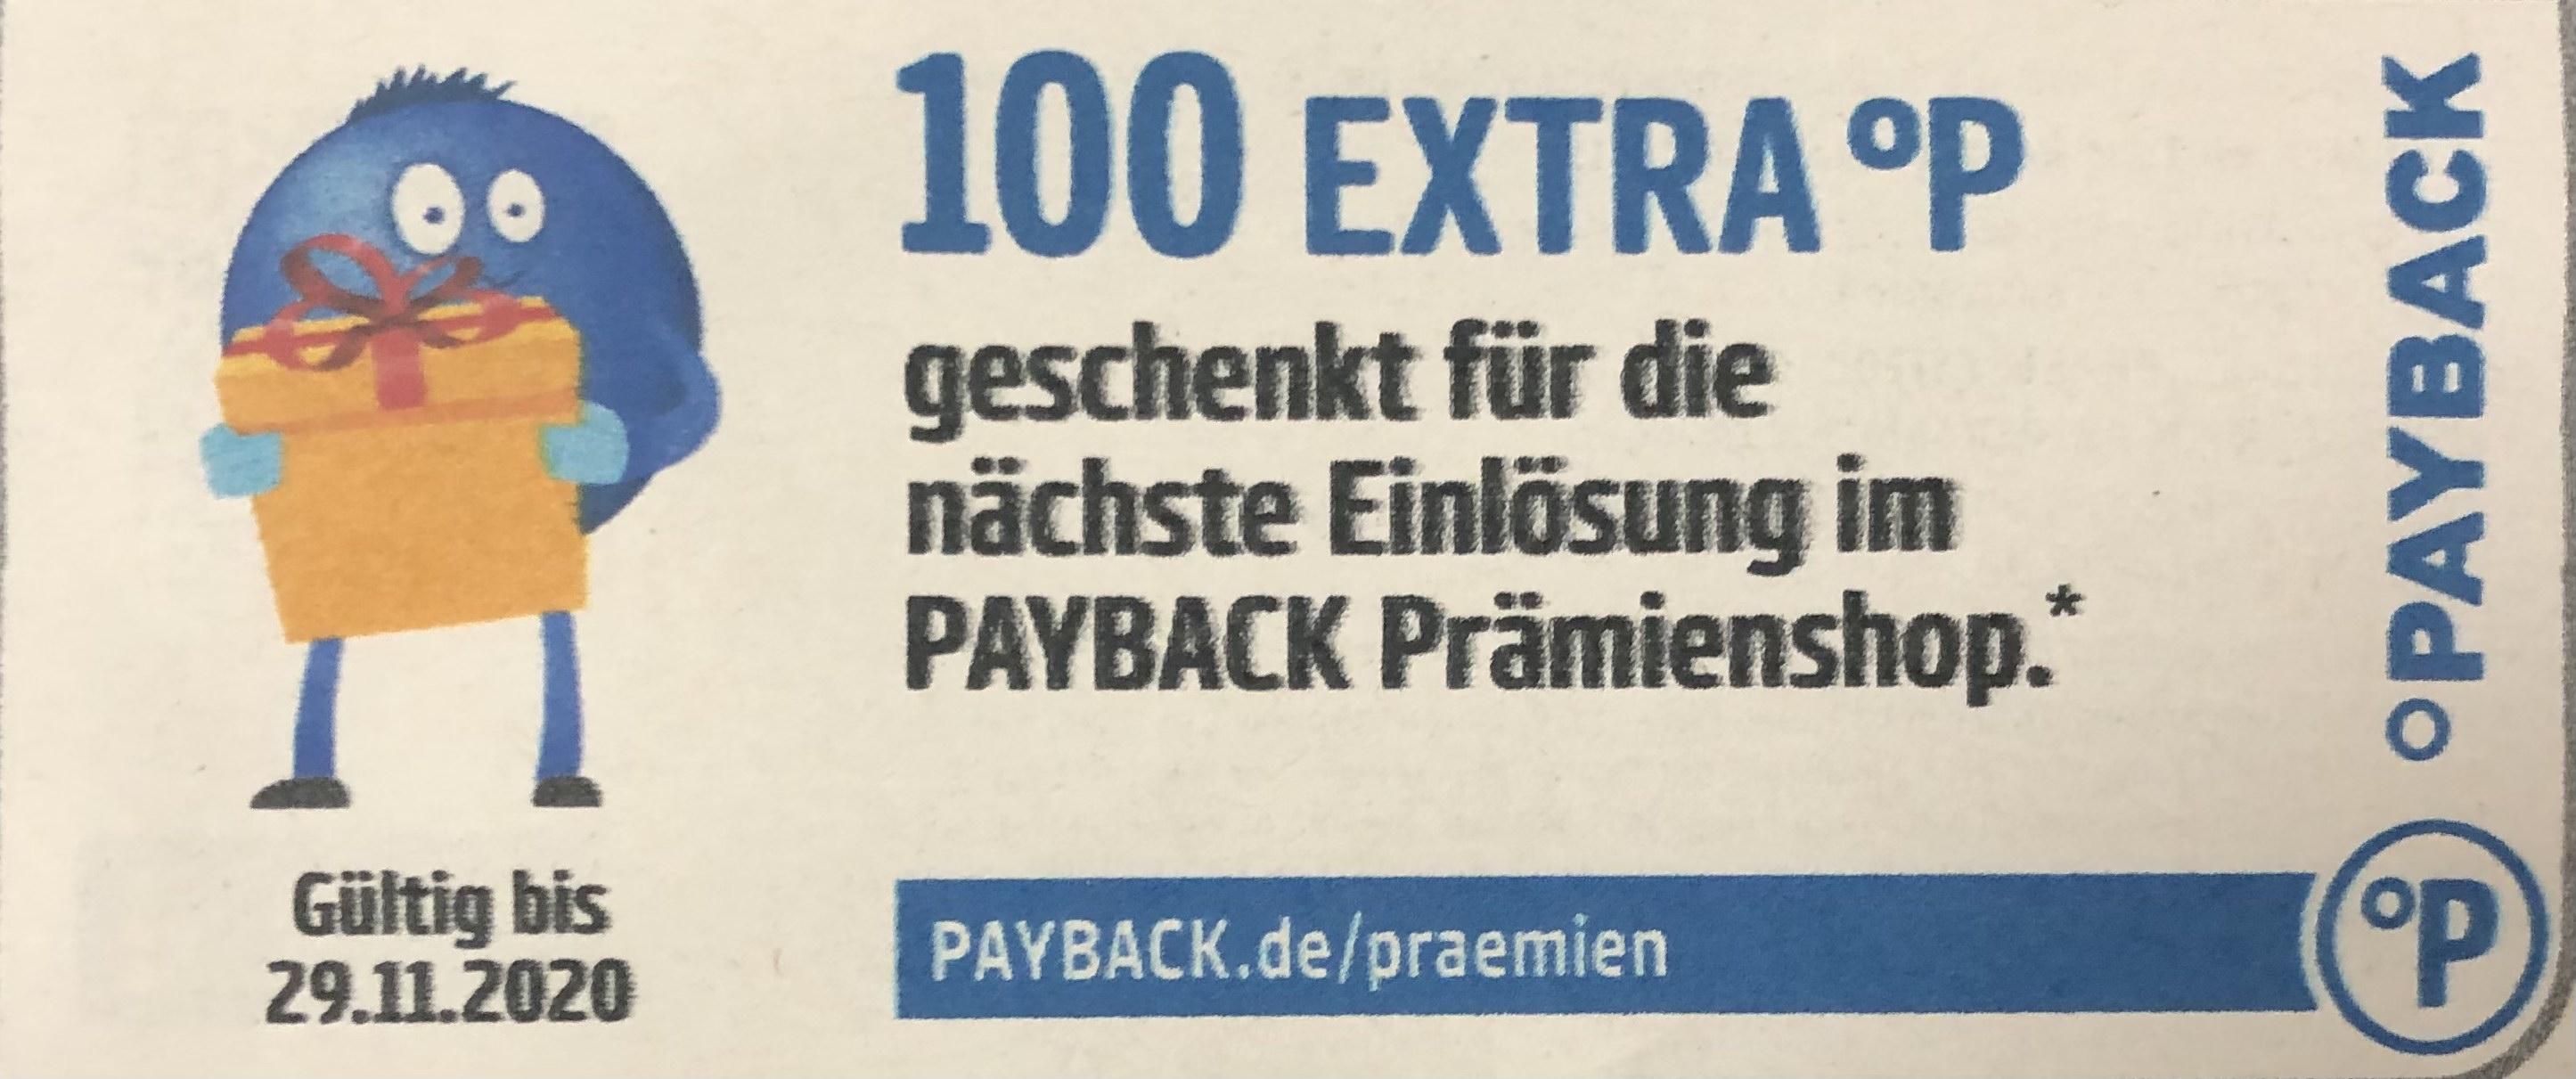 100 Extra Punkte geschenkt für die nächste einlösung im Payback Prämienshop (10€ MBW)